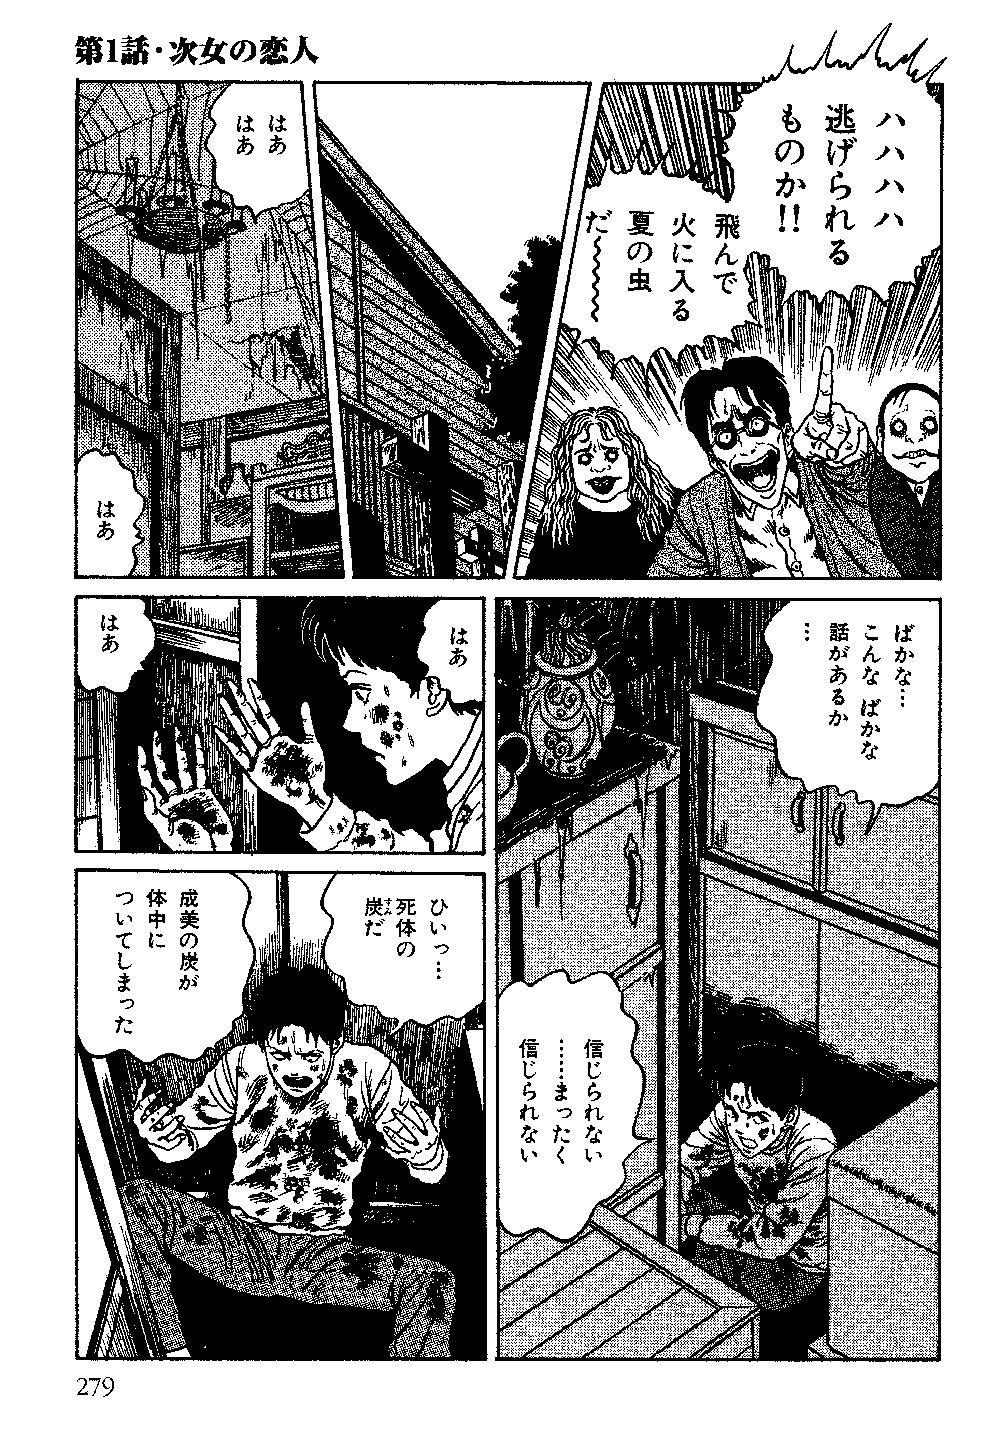 itouj_0004_0281.jpg